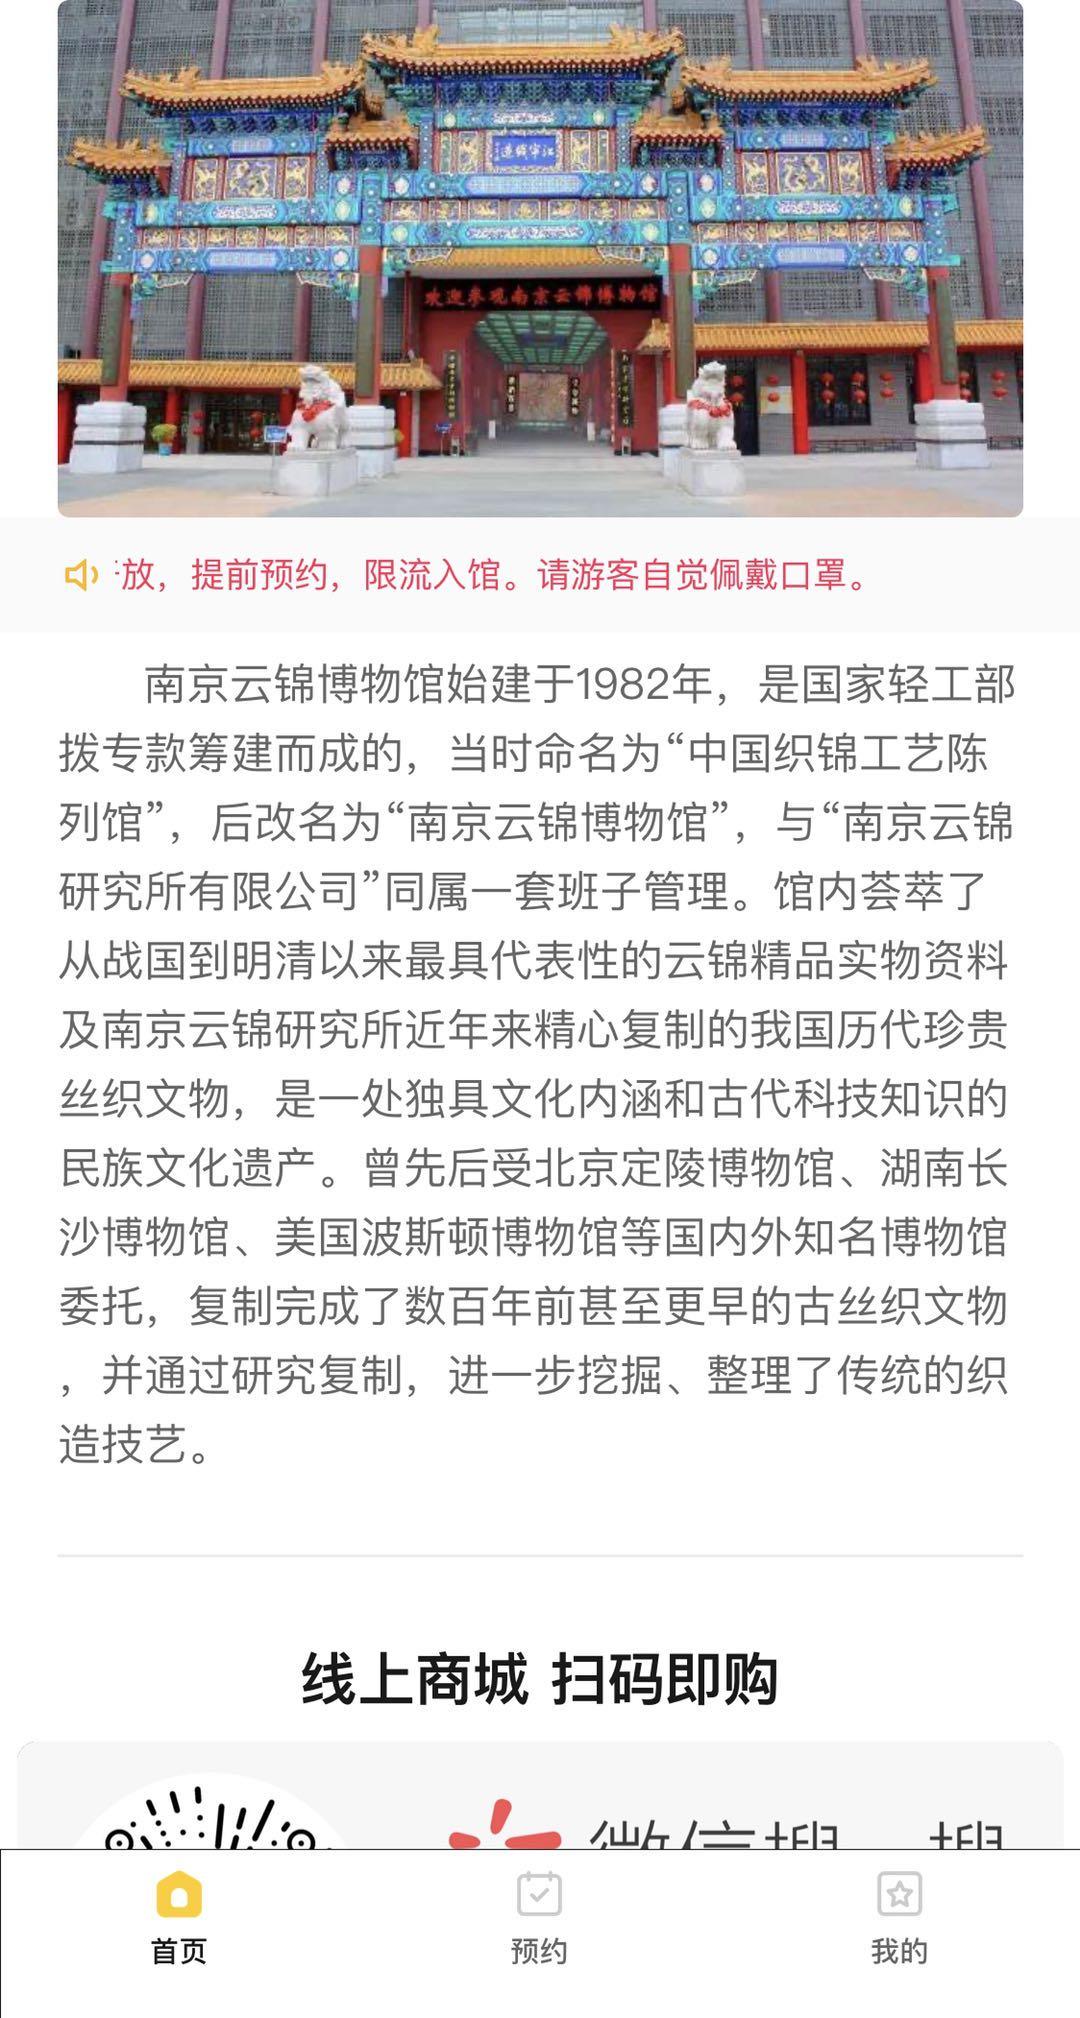 微信云锦博物馆参观预约小程序